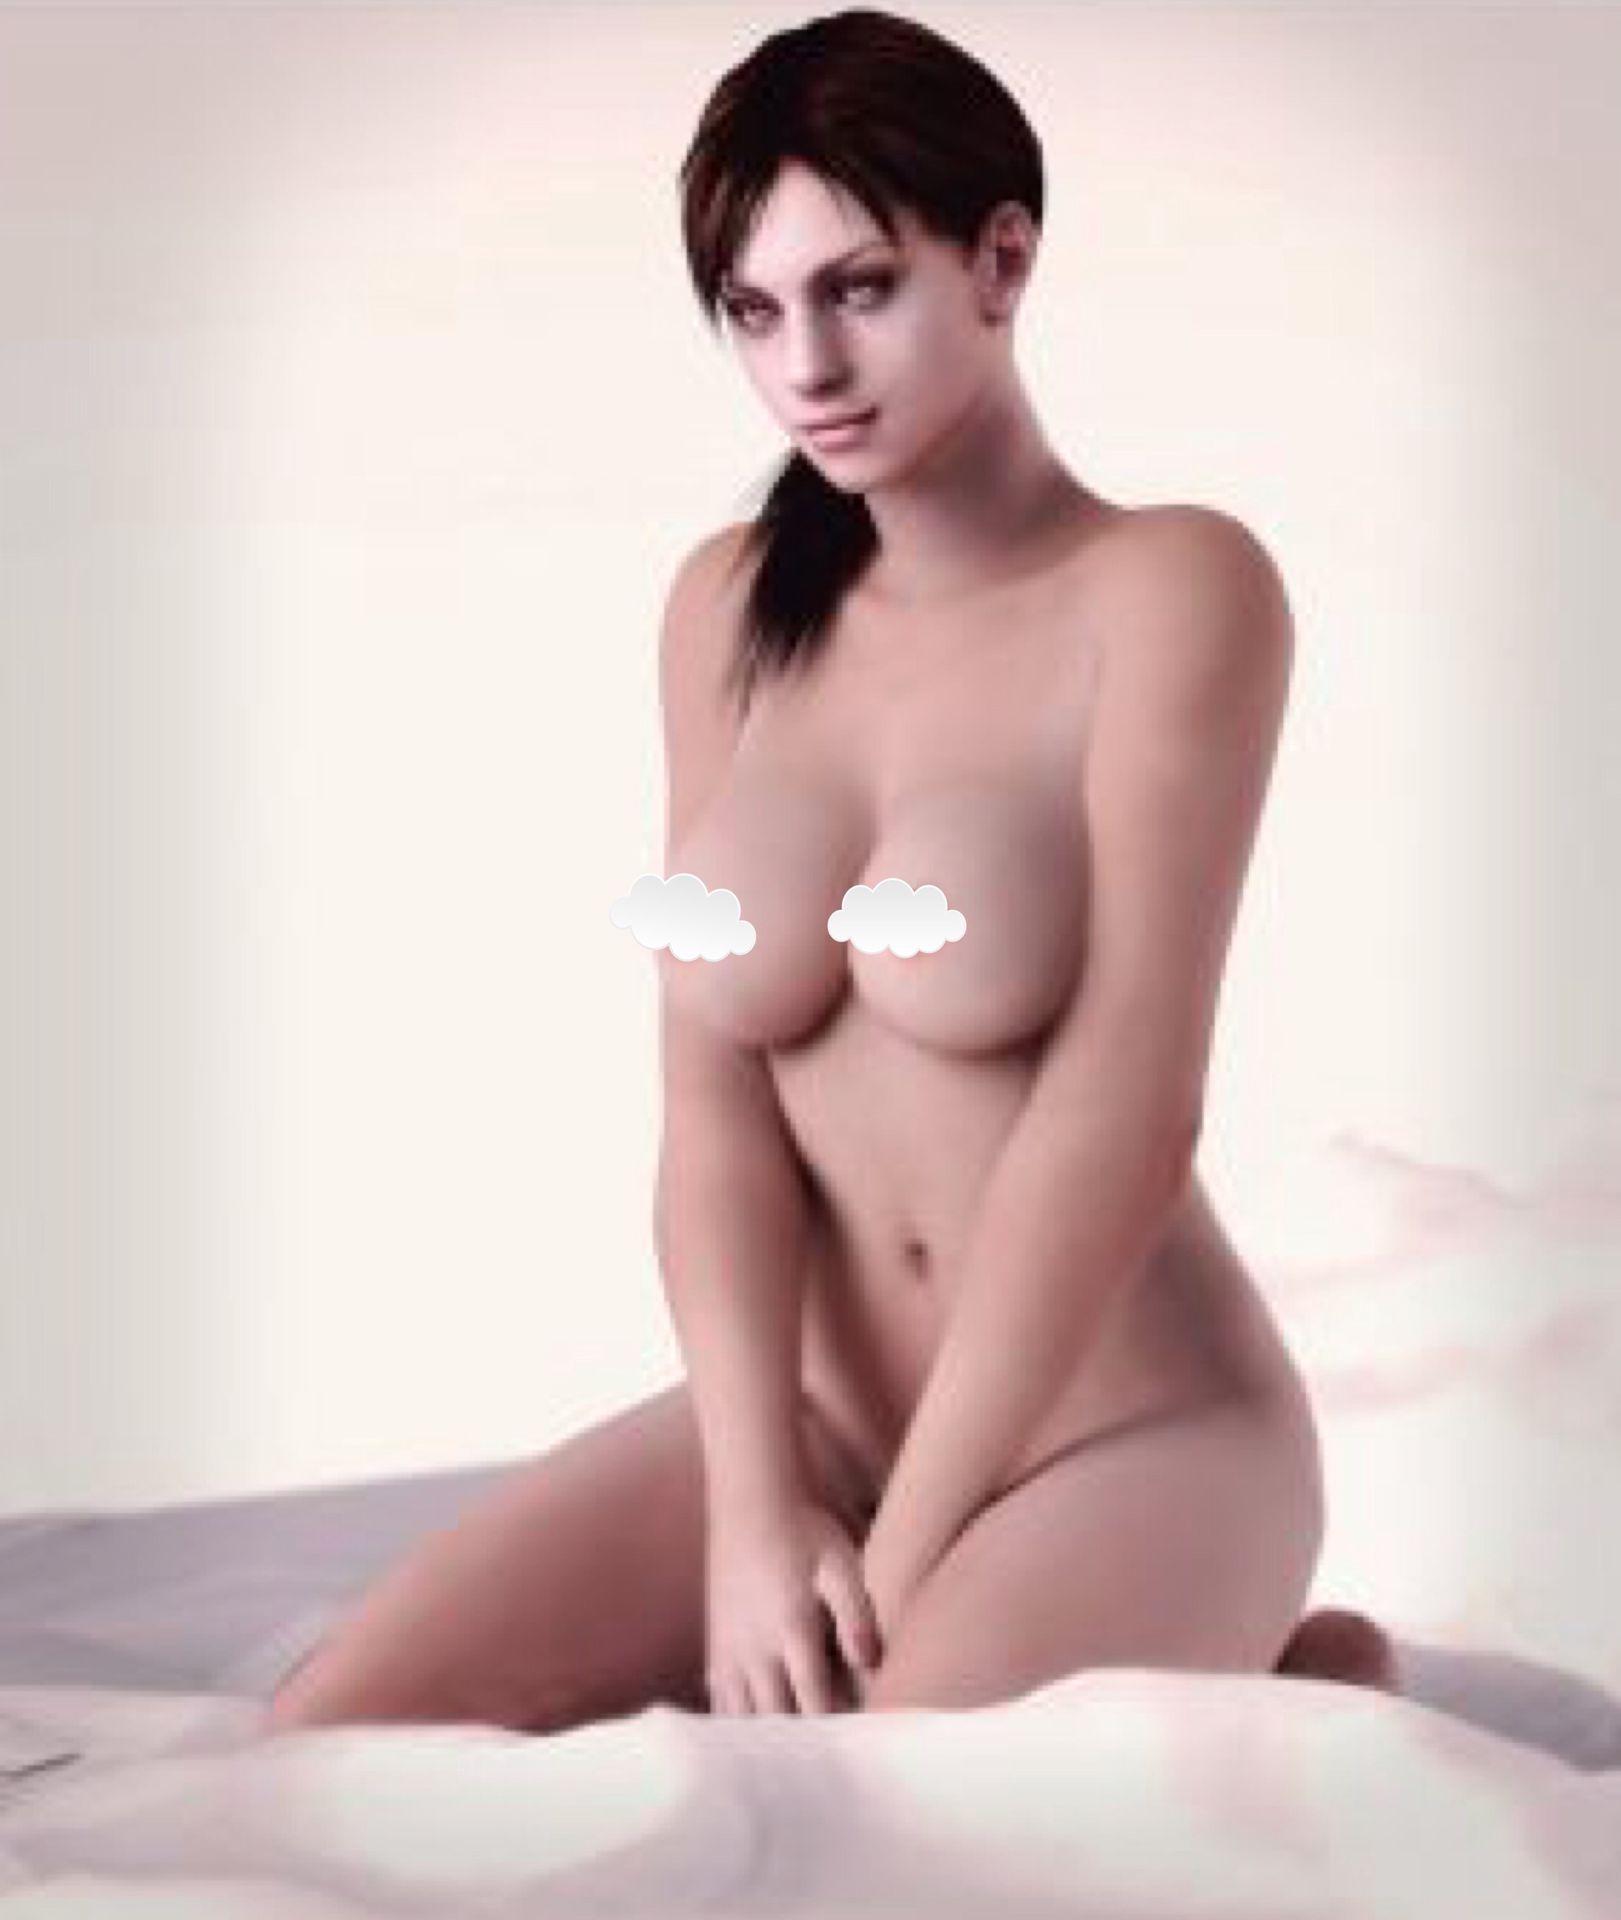 Useless junk nude photos